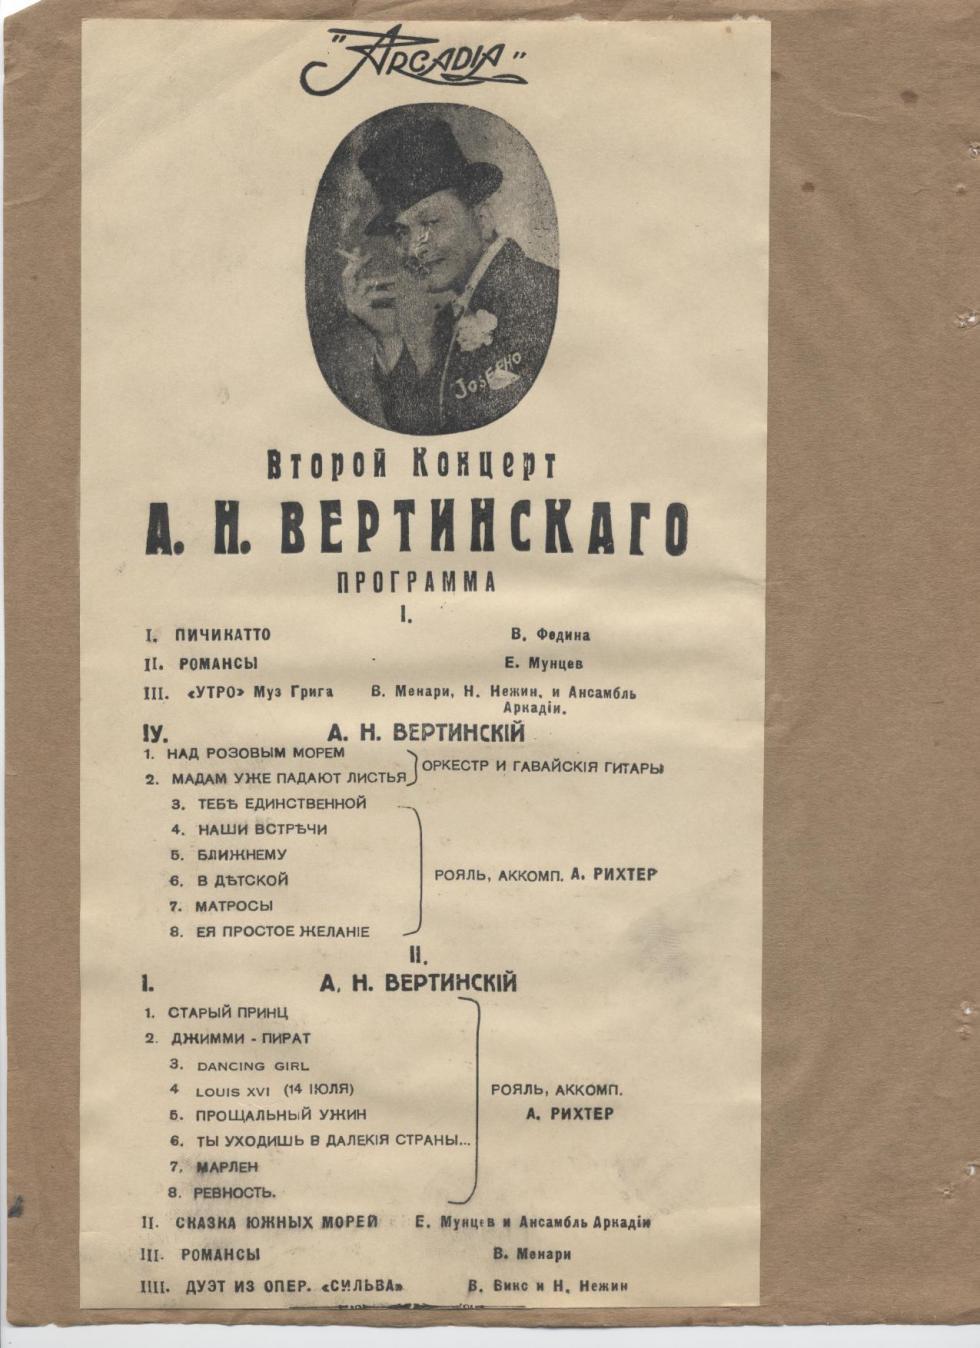 歌手亚历山大·维尔京斯基的节目单。 图片来源:ace-alex.livejournal.com